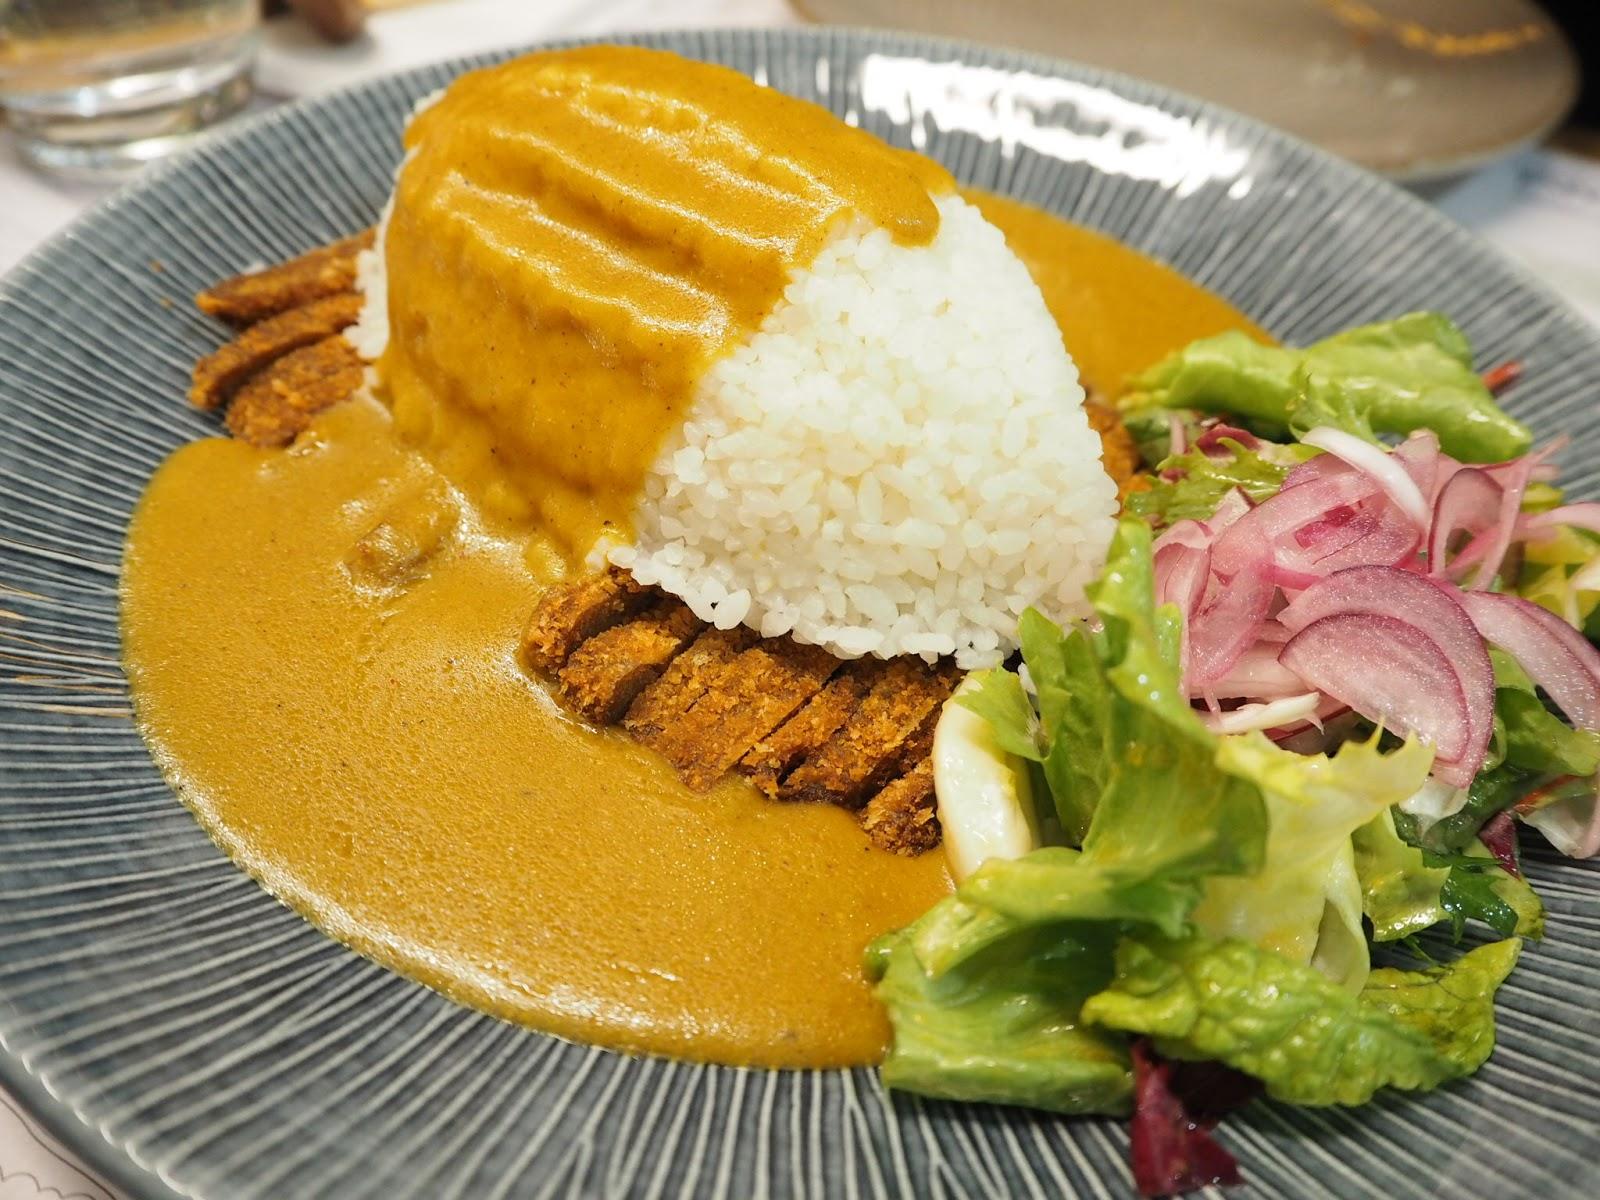 Vegan menu - Wagamama, Intu Metrocentre